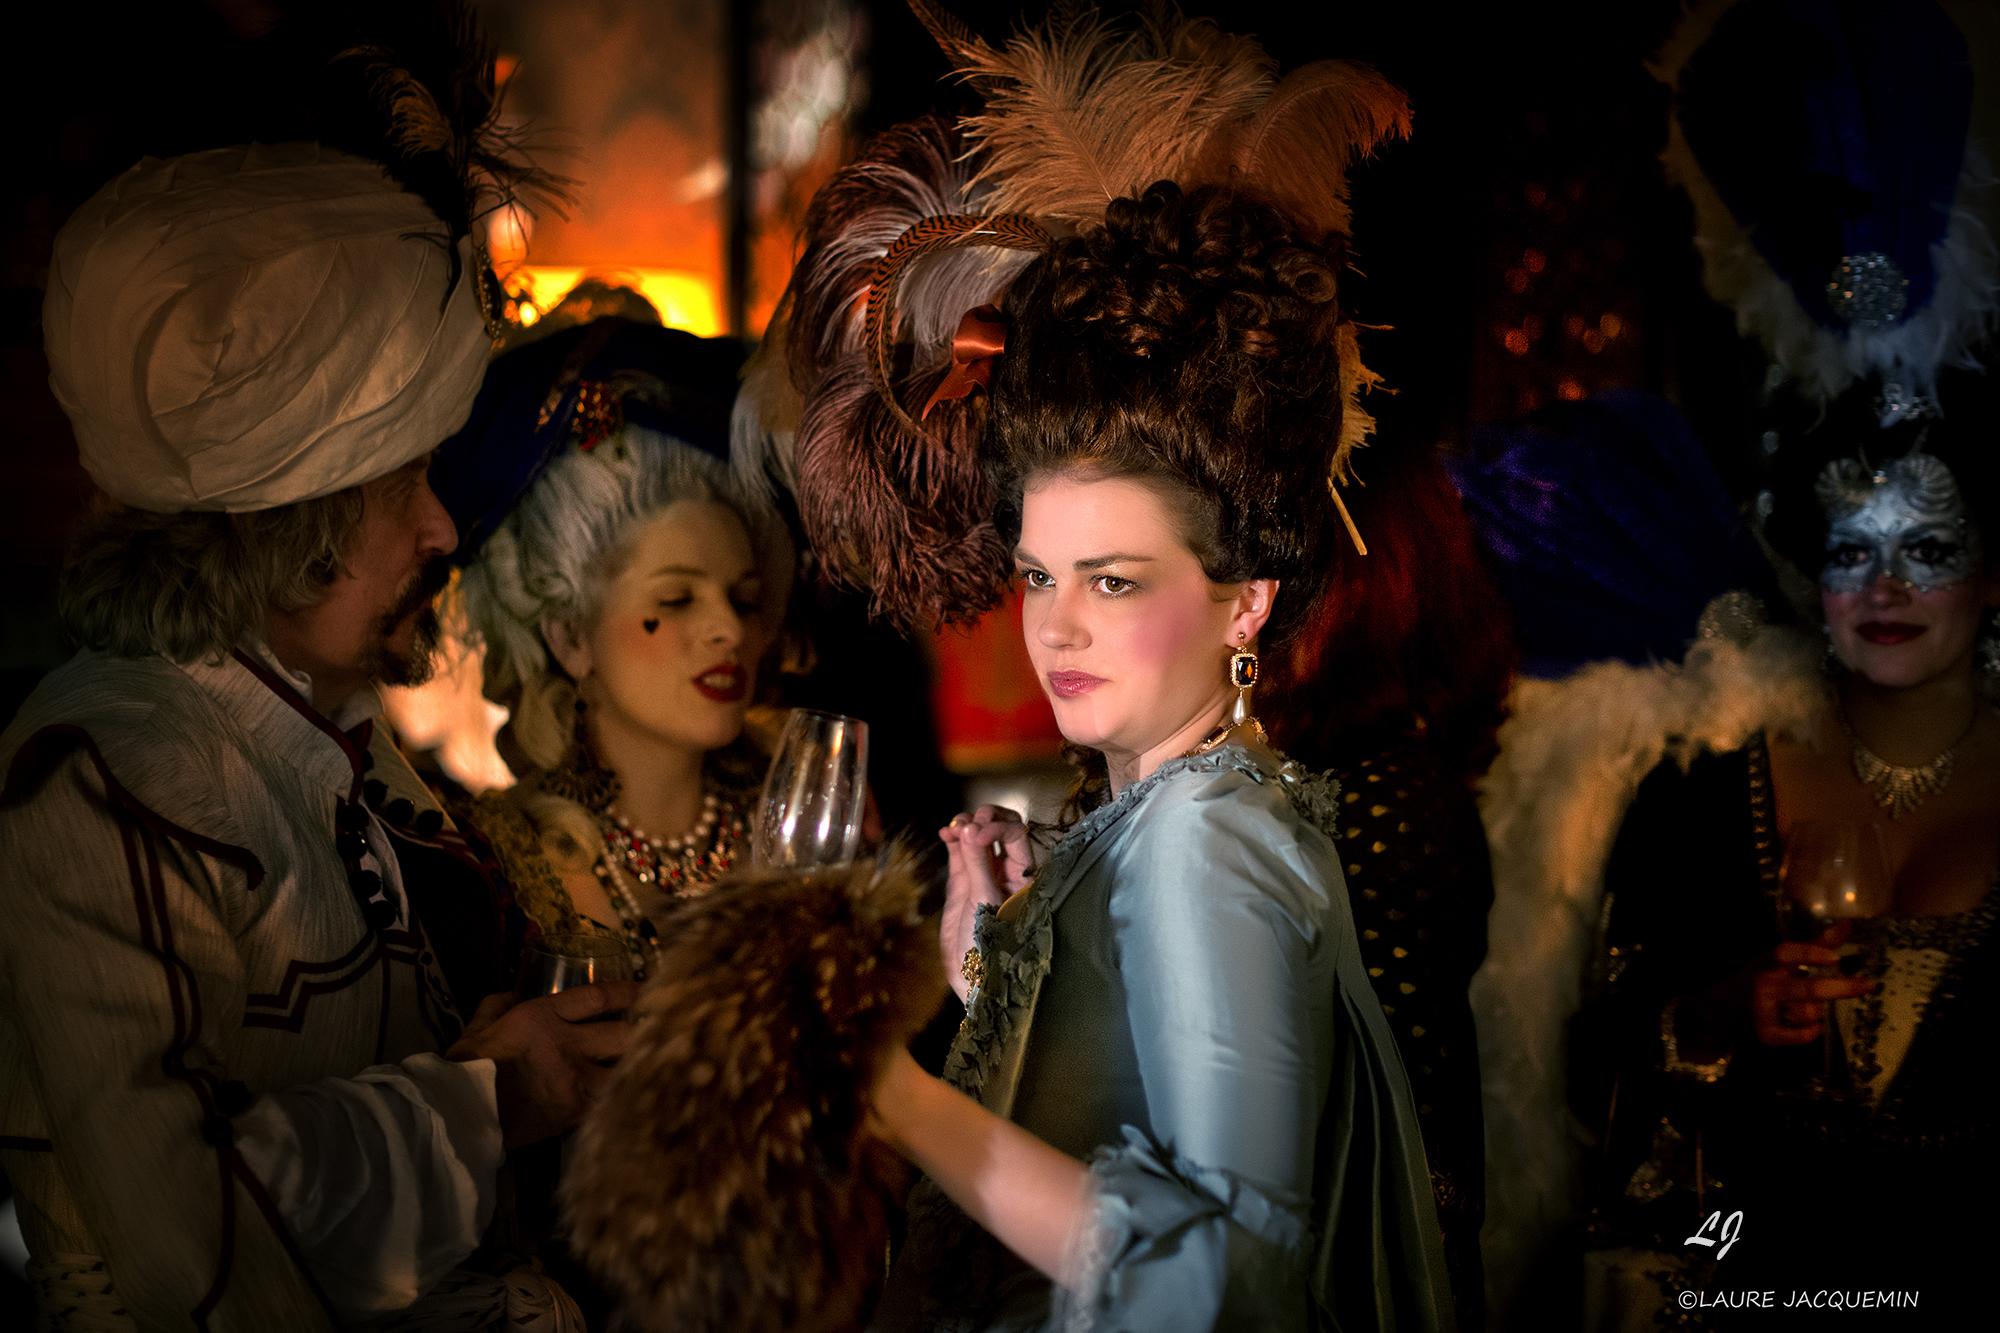 Meilleur photos Carnaval de Venise 2018 laure jacquemin (38)